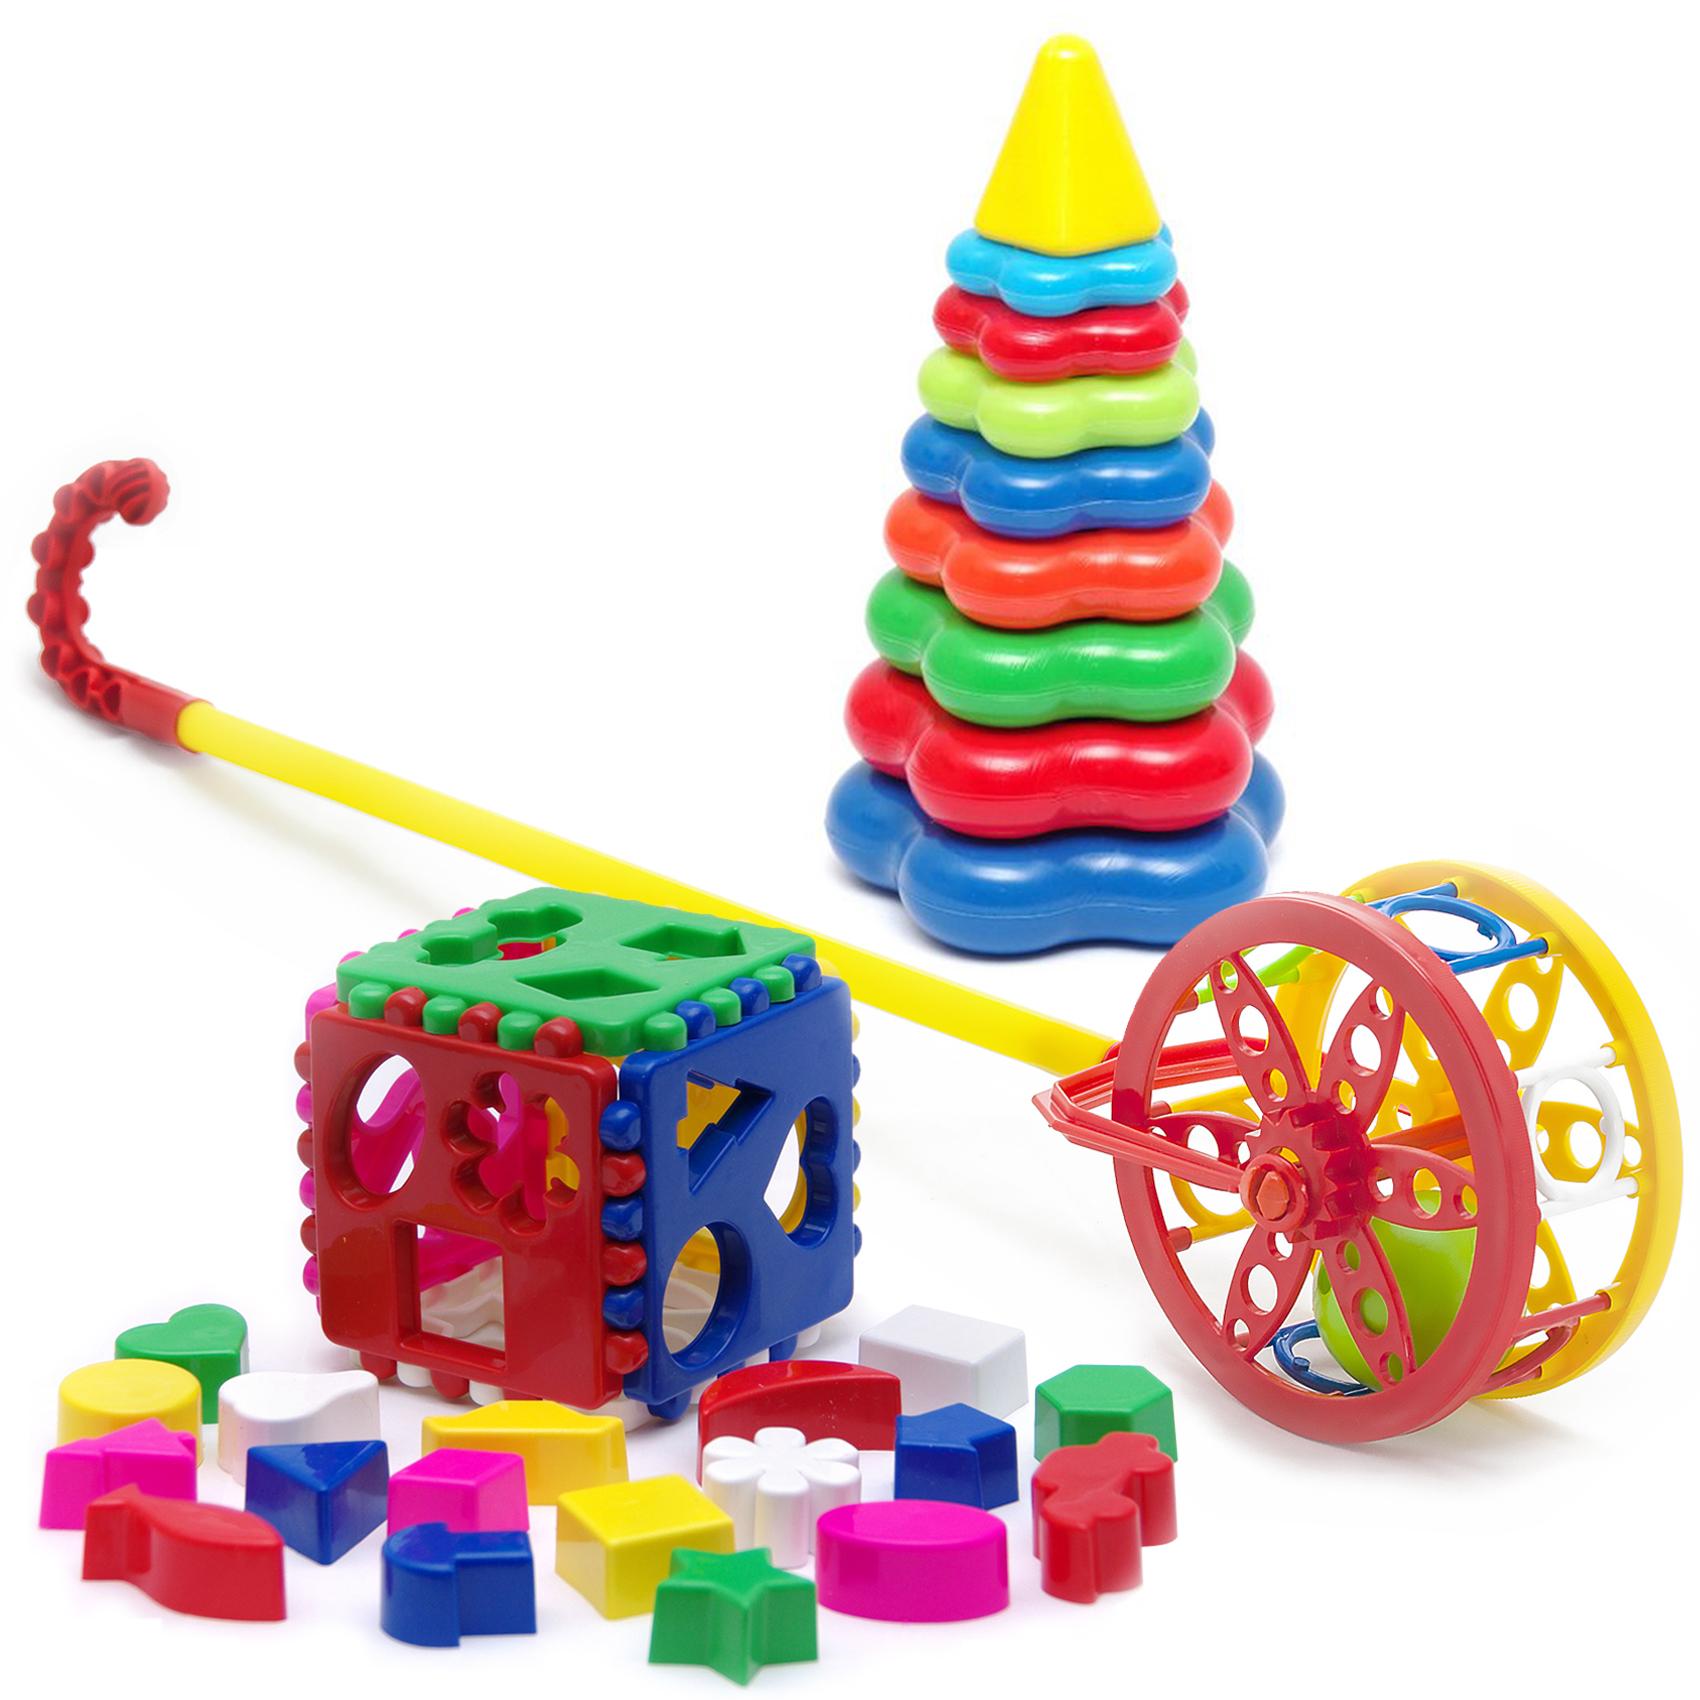 Купить Развивающие игрушки Karolina Toys 3в1 Каталка Колесо+Кубик лог. большой+Пирамида большая, Carolina Toys,